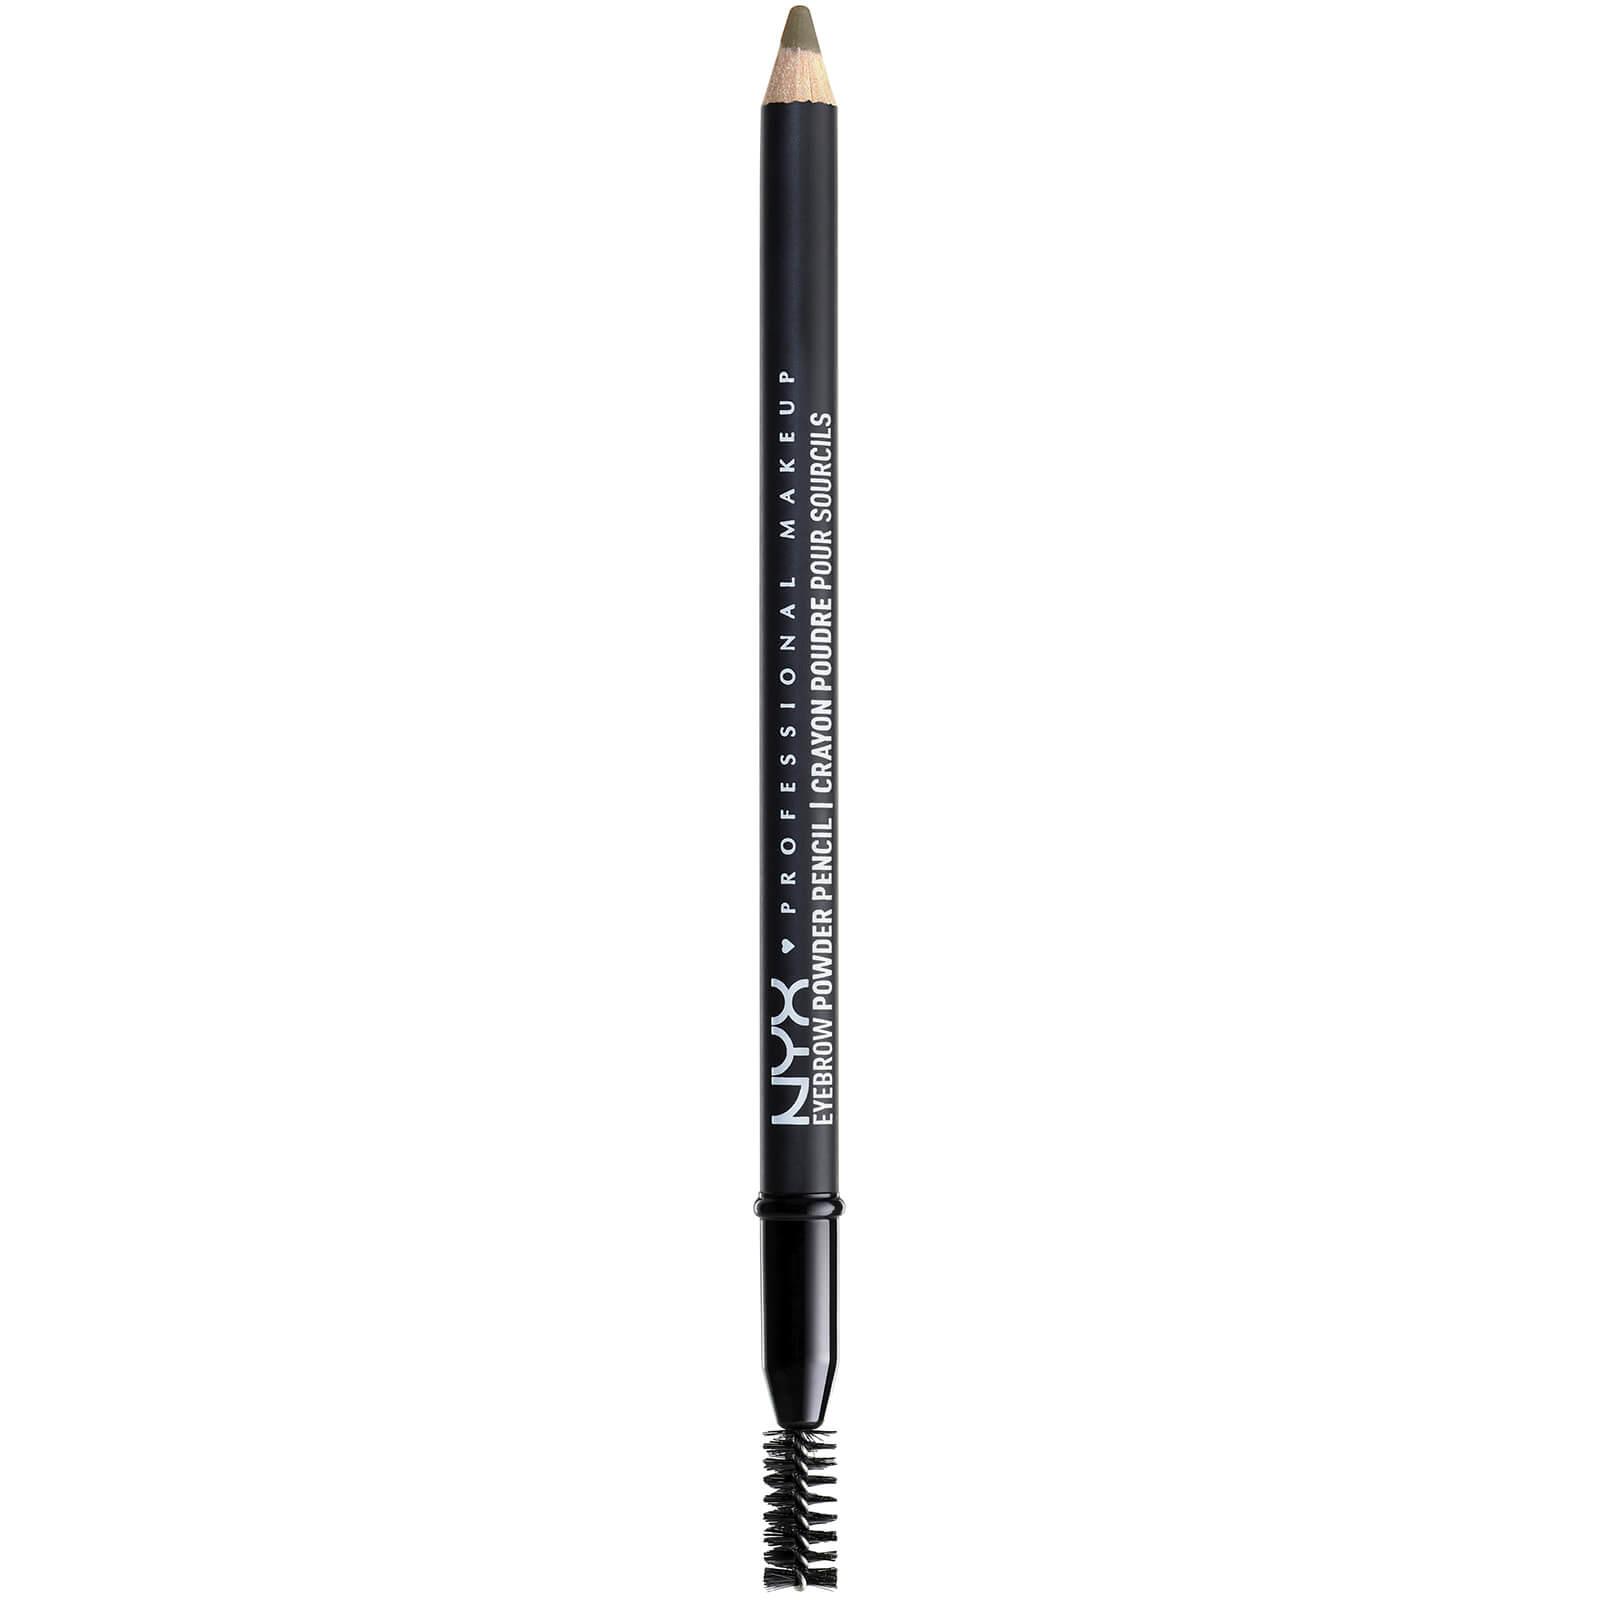 Купить Пудровый карандаш для бровей NYX Professional Makeup Eyebrow Powder Pencil (различные оттенки) - Brunette